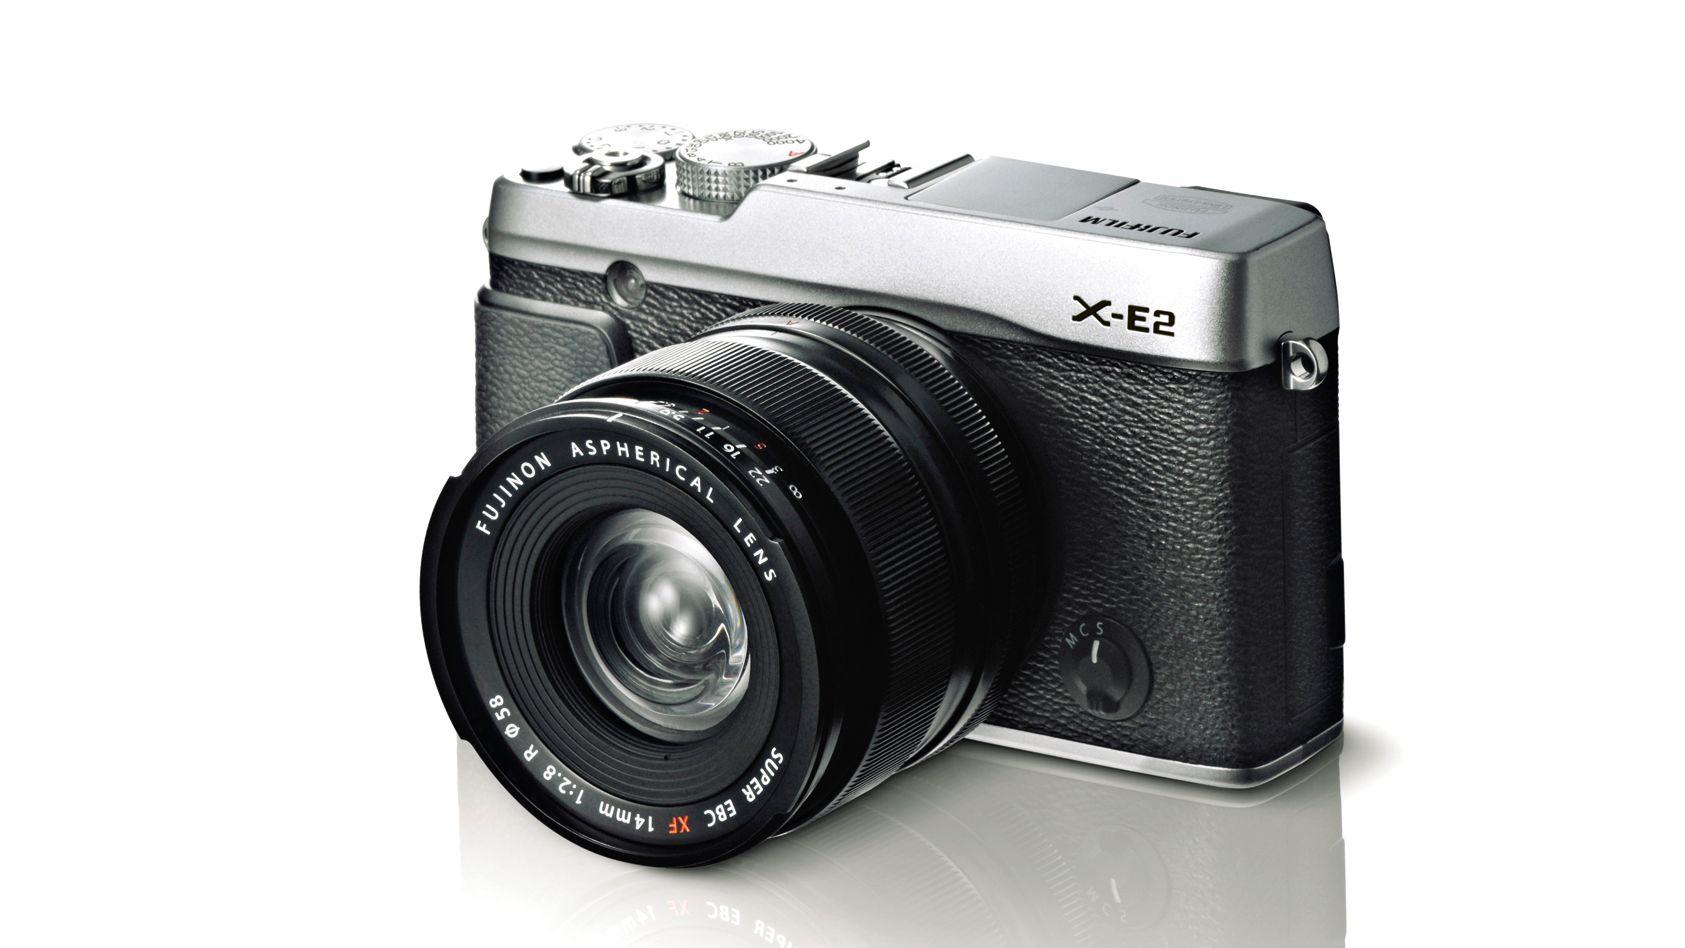 X-E2 er også tilgjengelig i fargen svart/sølv. (Foto: Fujifilm)